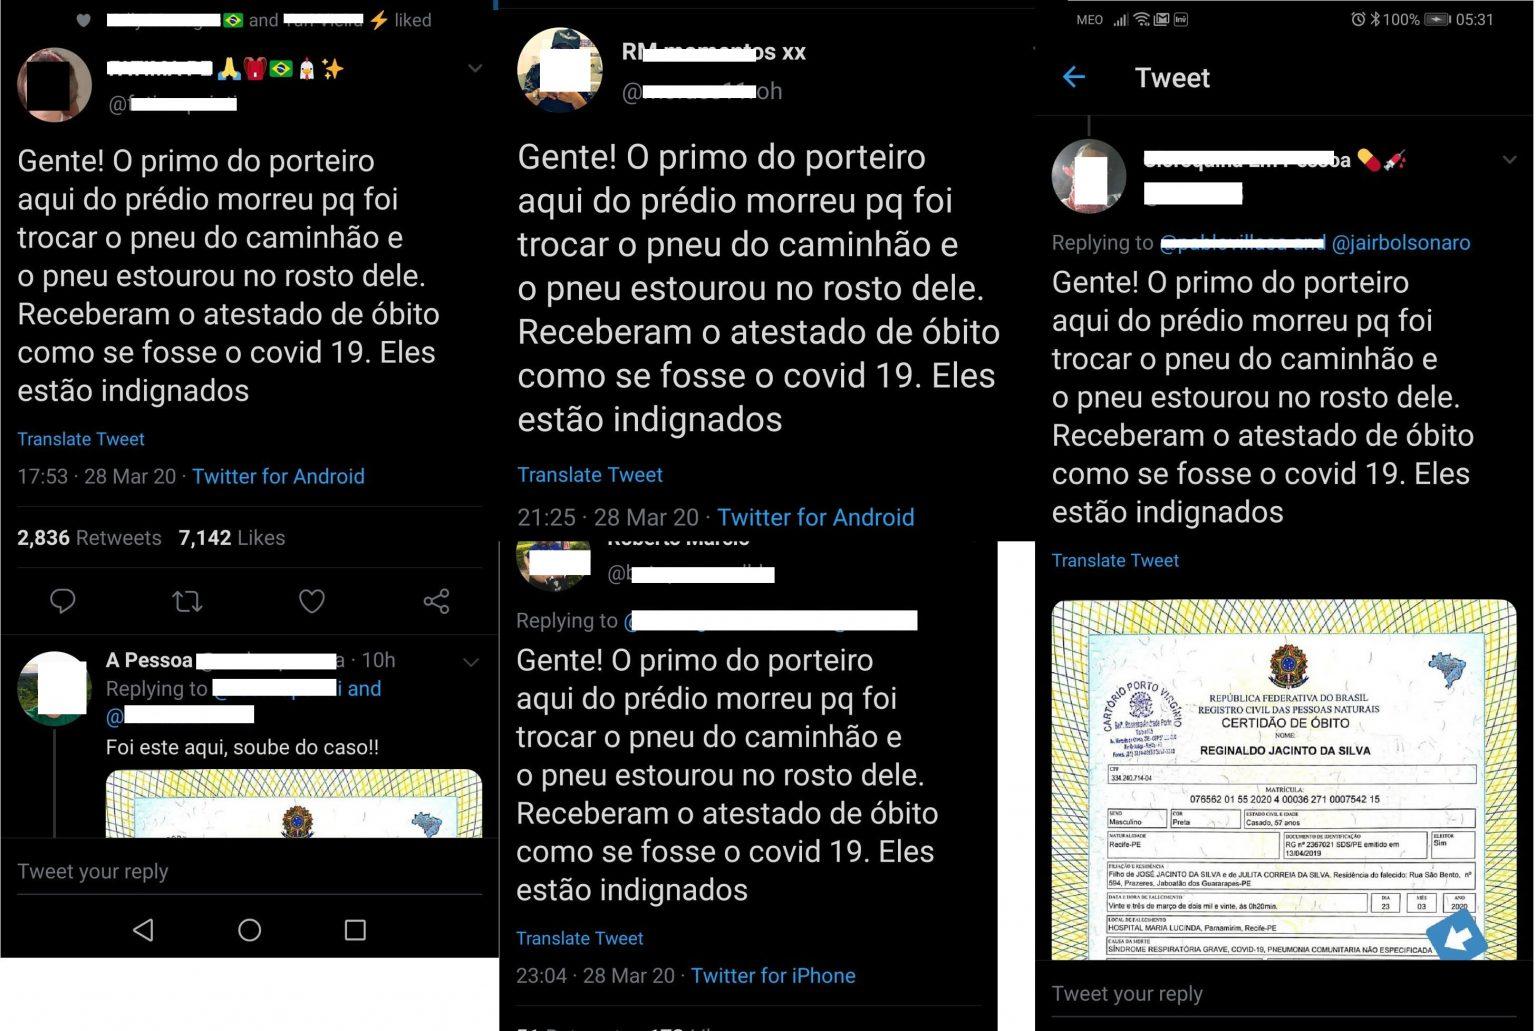 fake news porteiro coronavírus